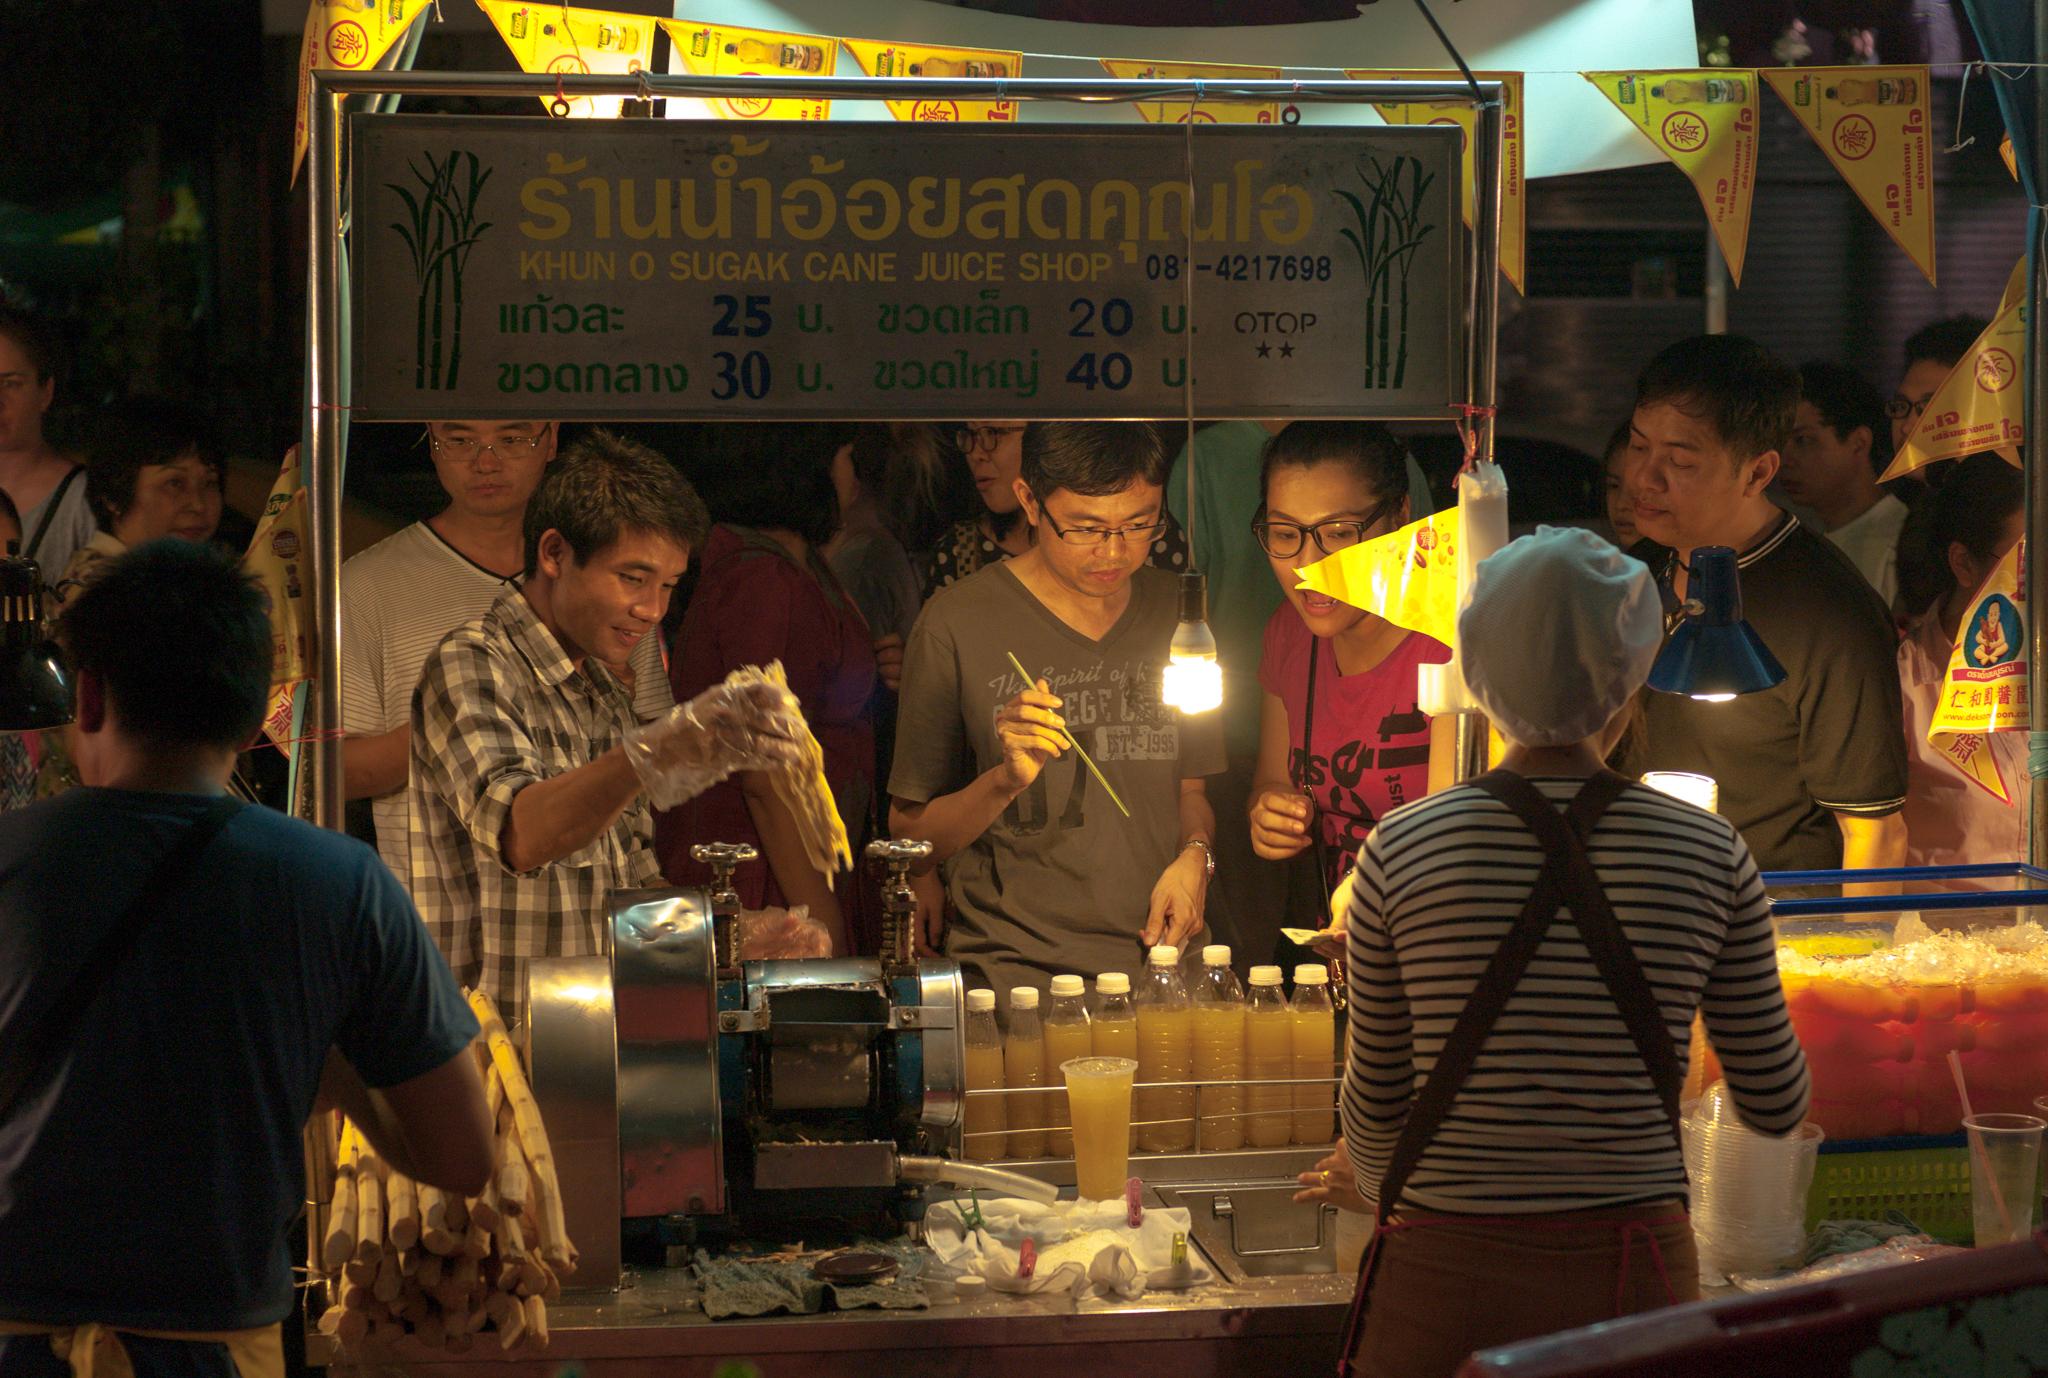 Sugarcane juice vendor in a market in Bangkok, Thailand.